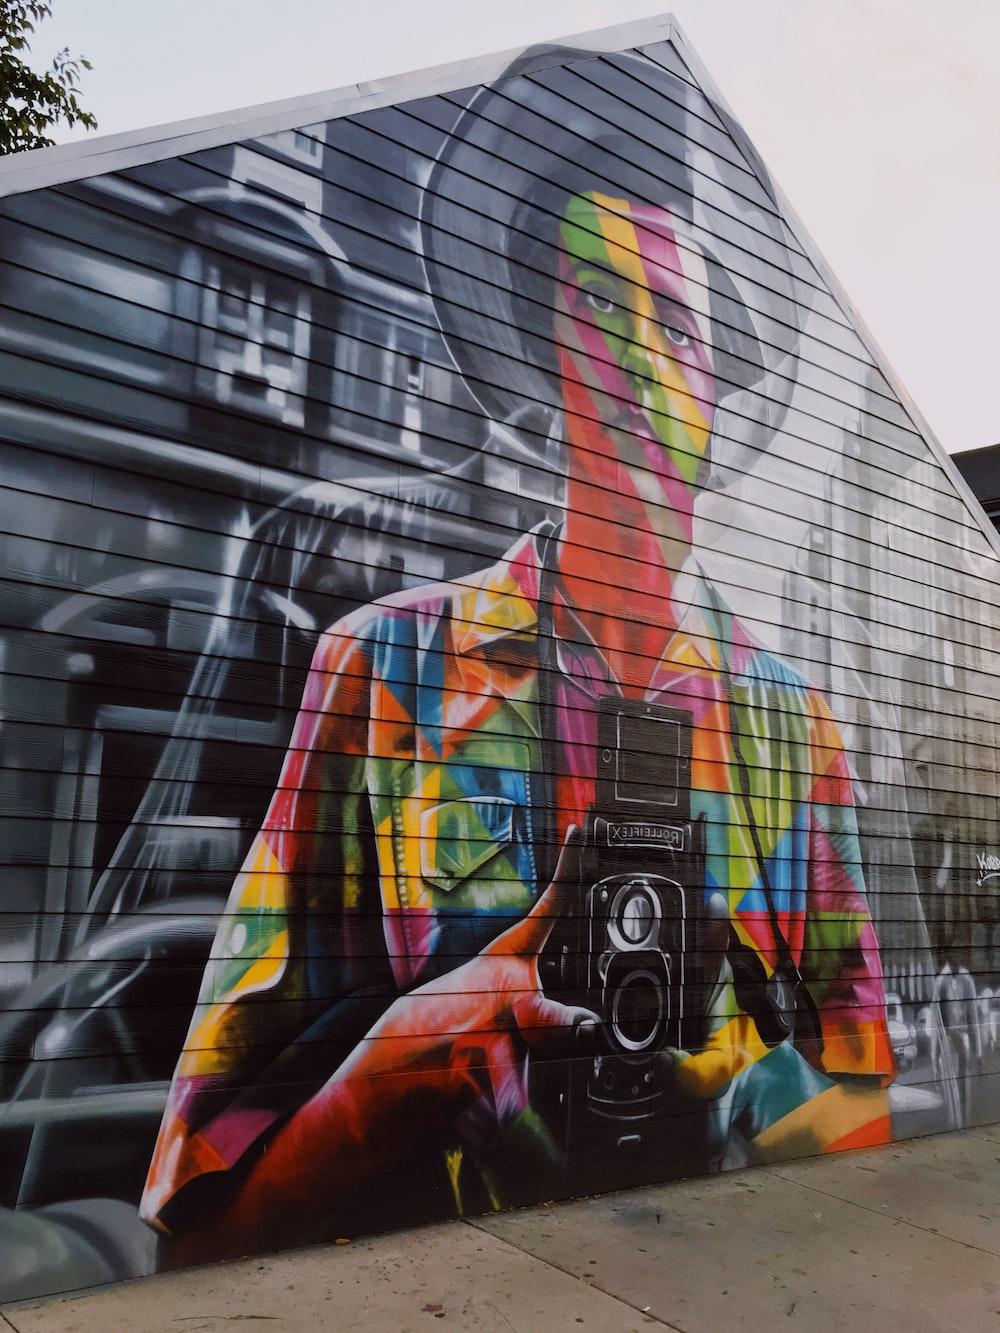 profile of man mural art